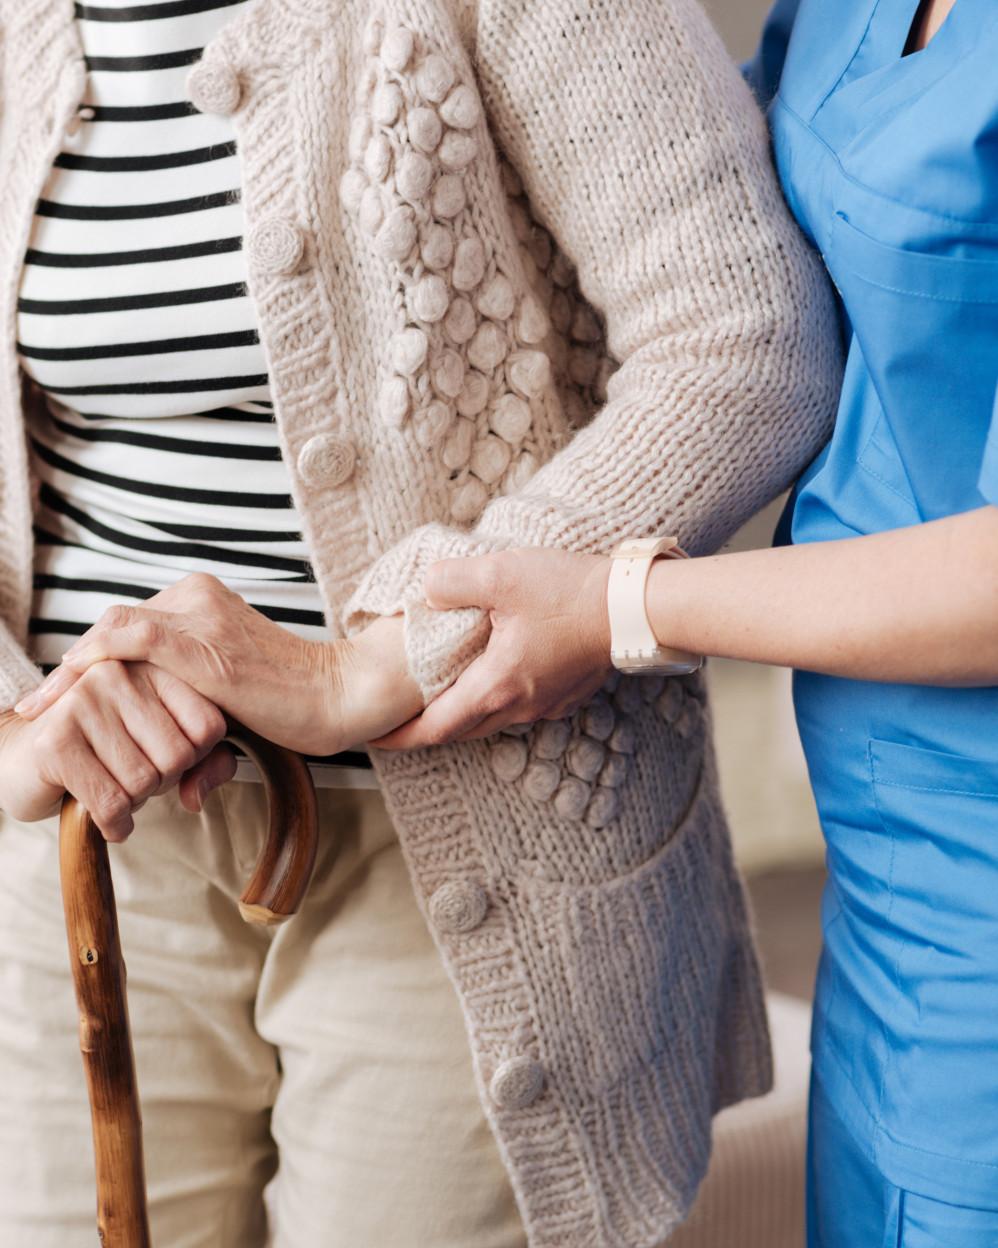 infermiera aiuta una signora anziana a caminare